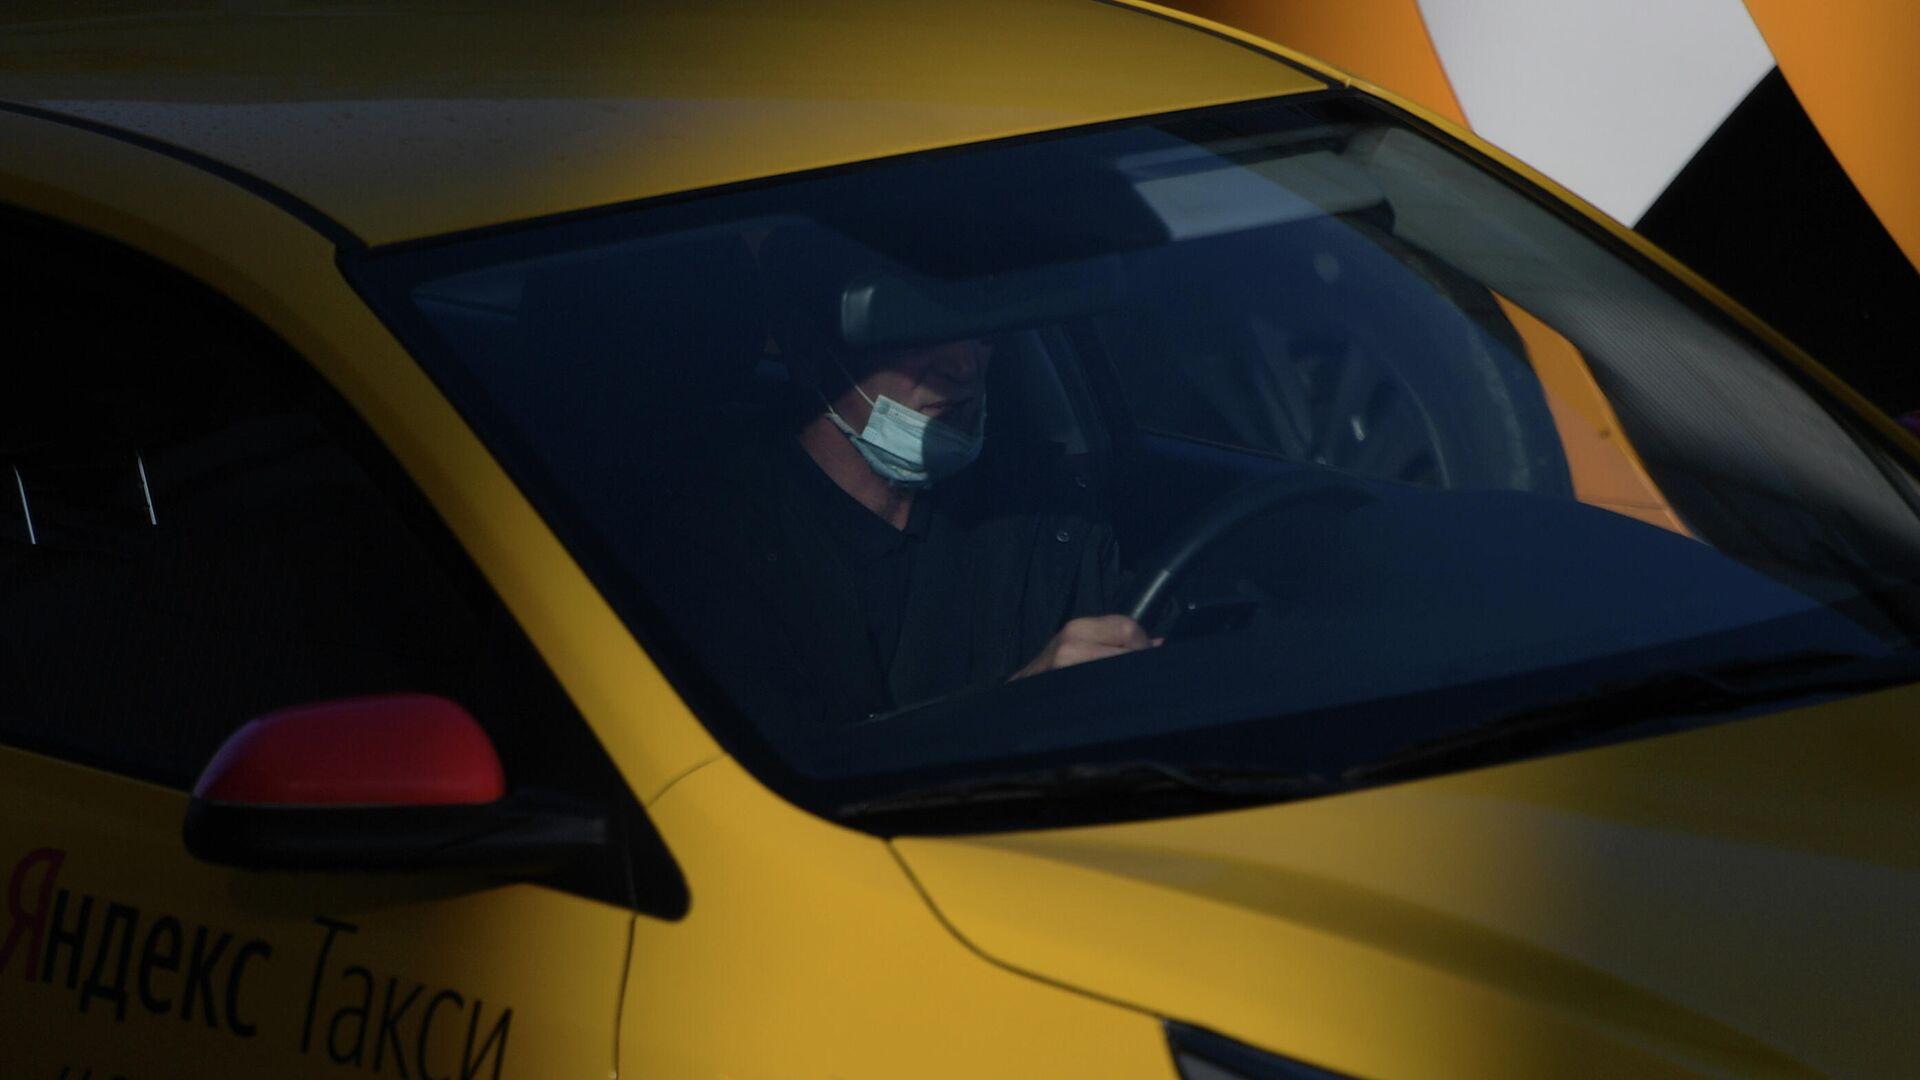 Водитель в защитной маске за рулем такси в Москве - РИА Новости, 1920, 12.09.2021